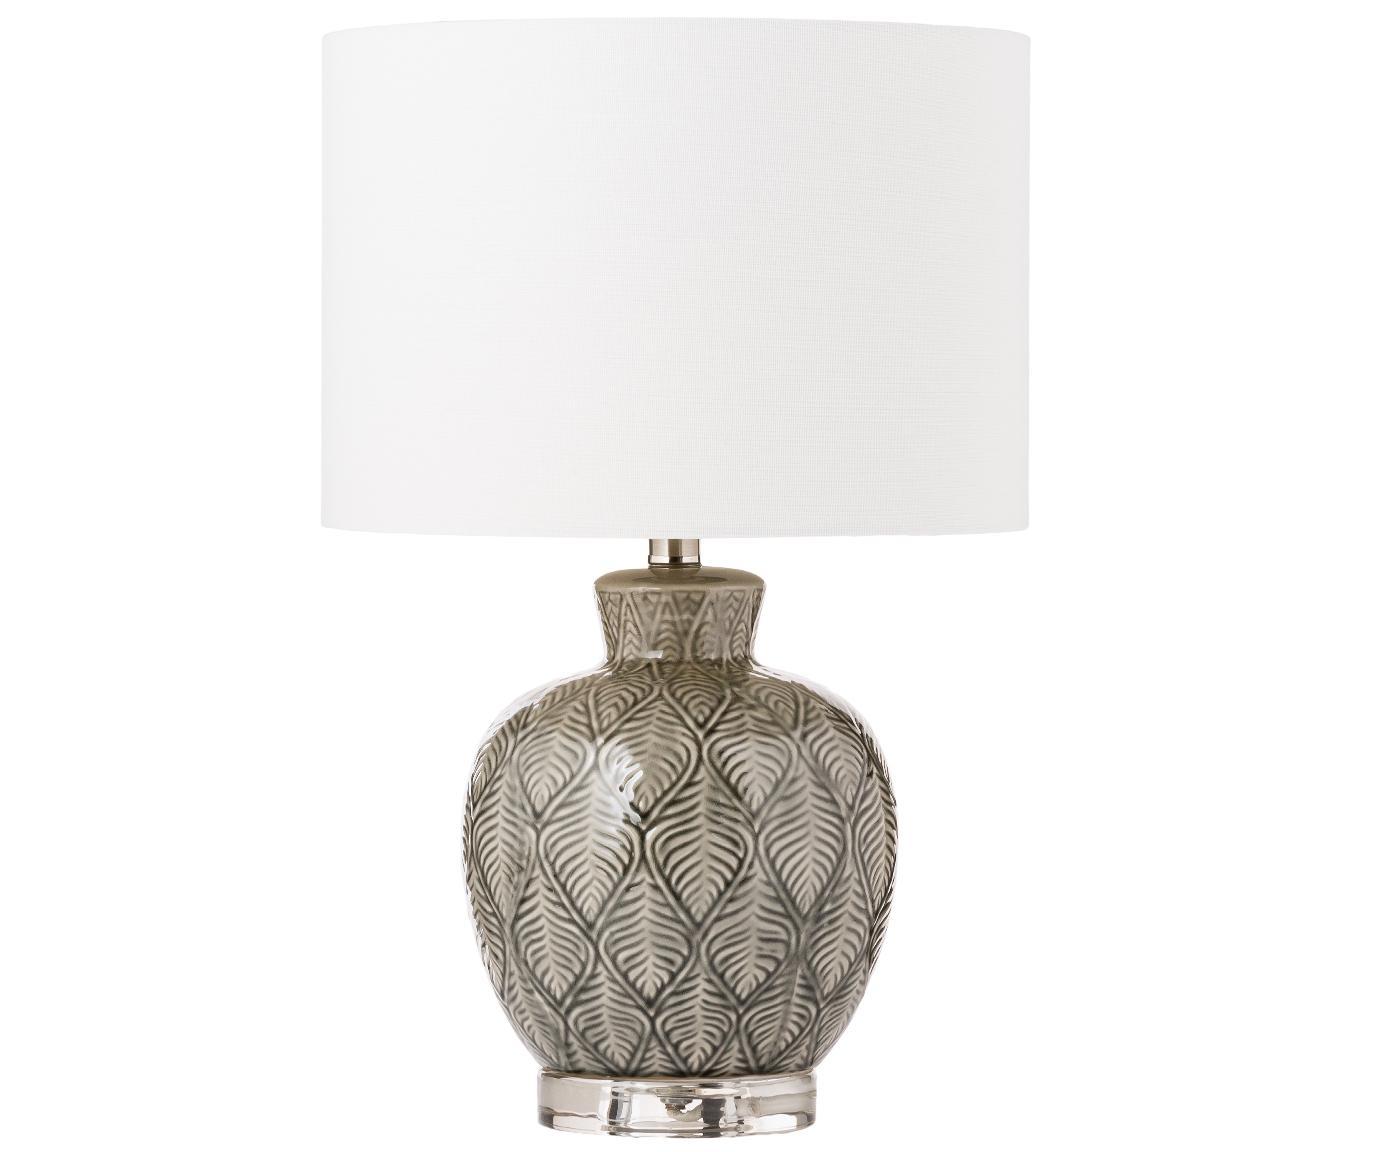 Keramik-Tischleuchte Brooklyn, Lampenschirm: Textil, Lampenfuß: Keramik, Kristallglas, Weiß, Grau, Ø 33 x H 53 cm